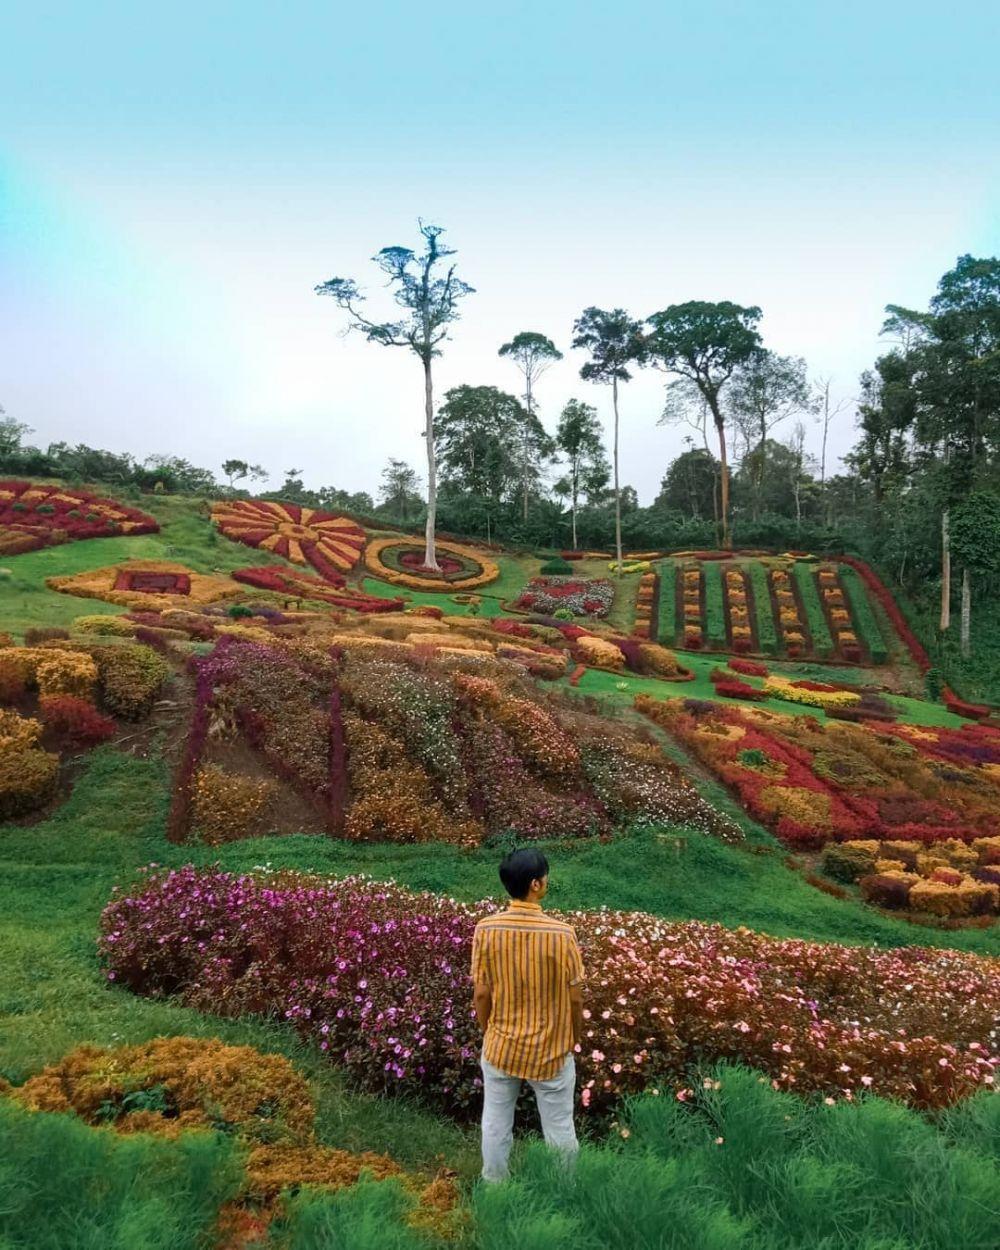 8 Wisata Alam ala Kabupaten di Sumatera Barat Ini Dijamin Bikin Senang